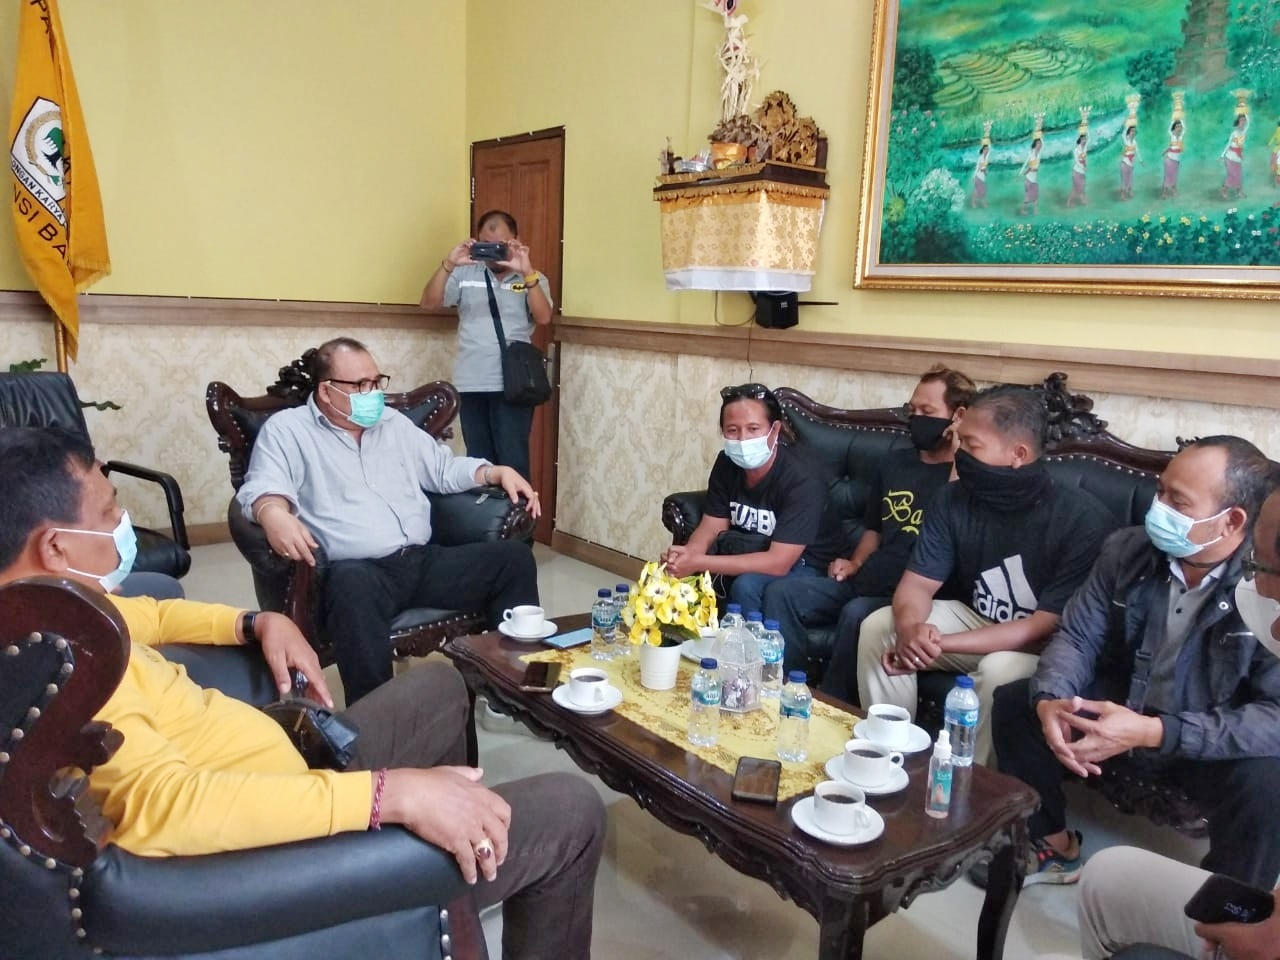 Peternak GUPBI Sambangi Kantor Golkar, Curhat Bali Dibanjiri Daging Babi Sampah